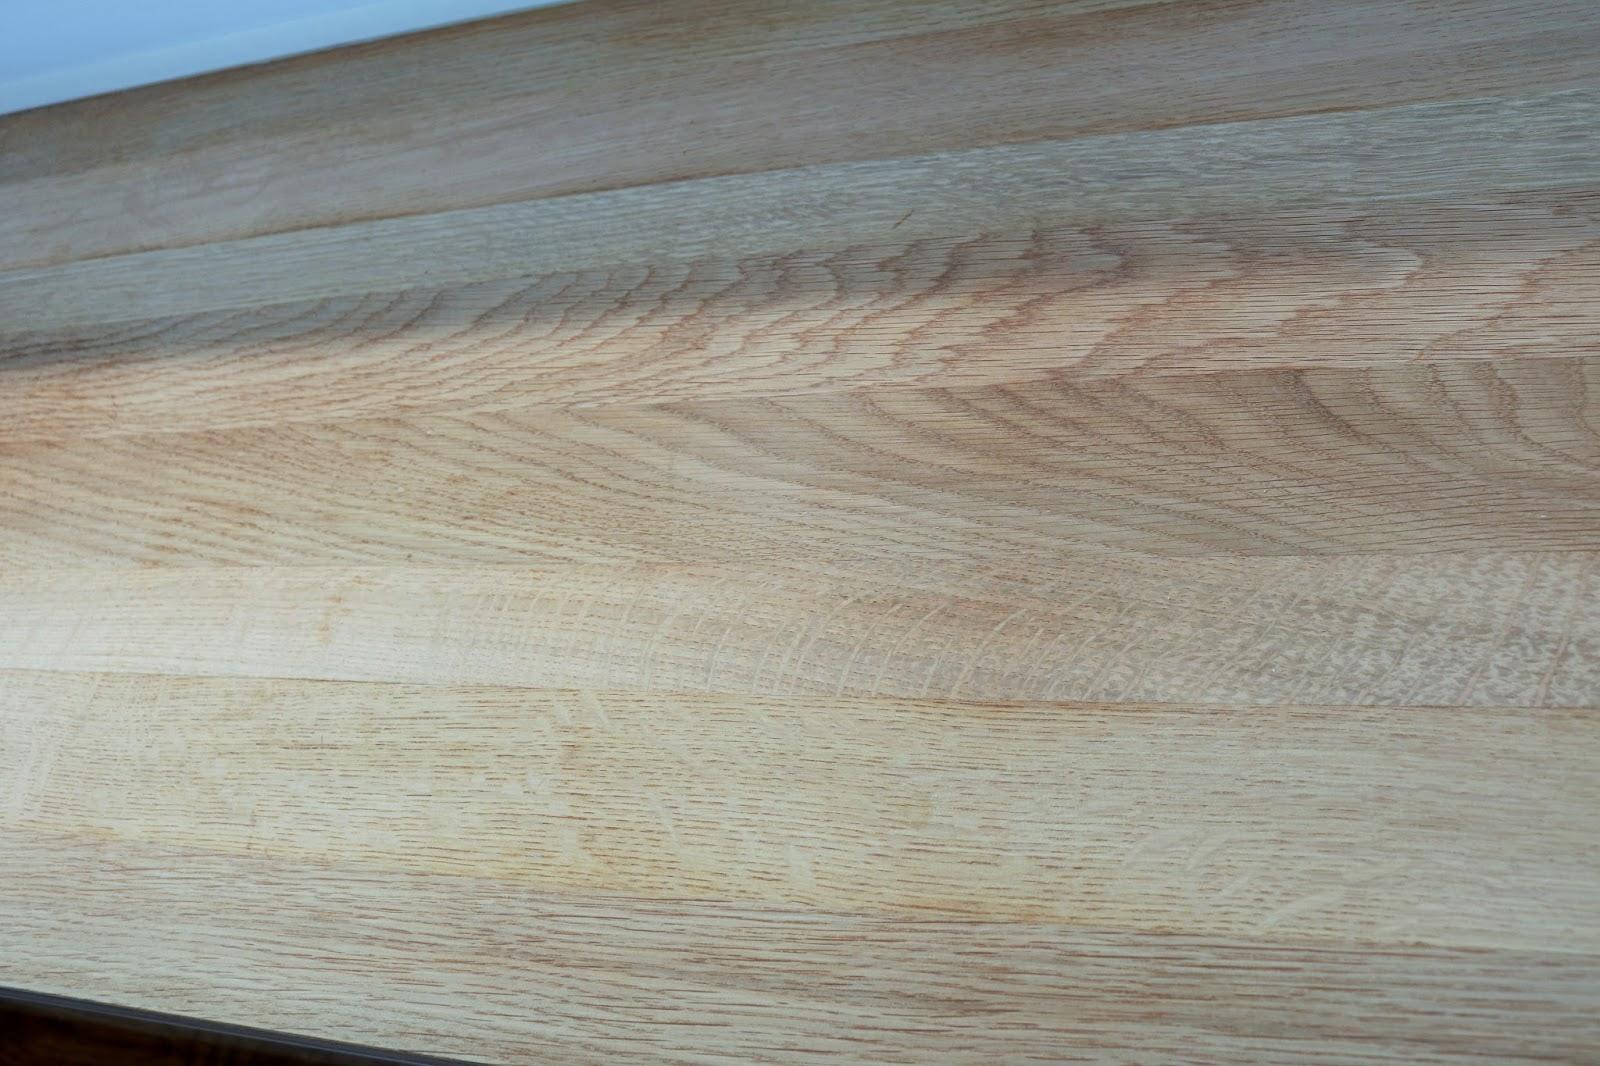 czym czyścić blat drewniany